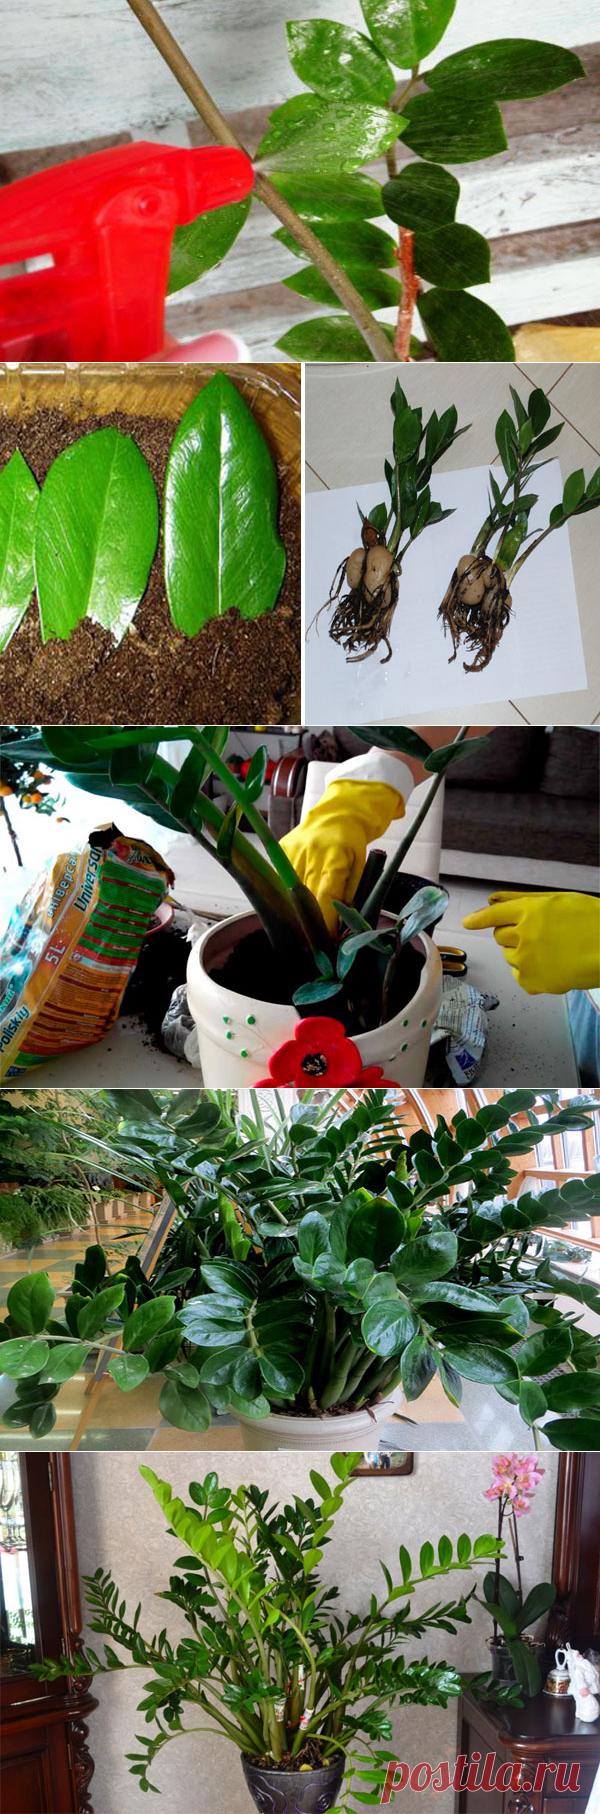 Долларовое дерево (Замиокулькас): уход в домашних условиях, размножение